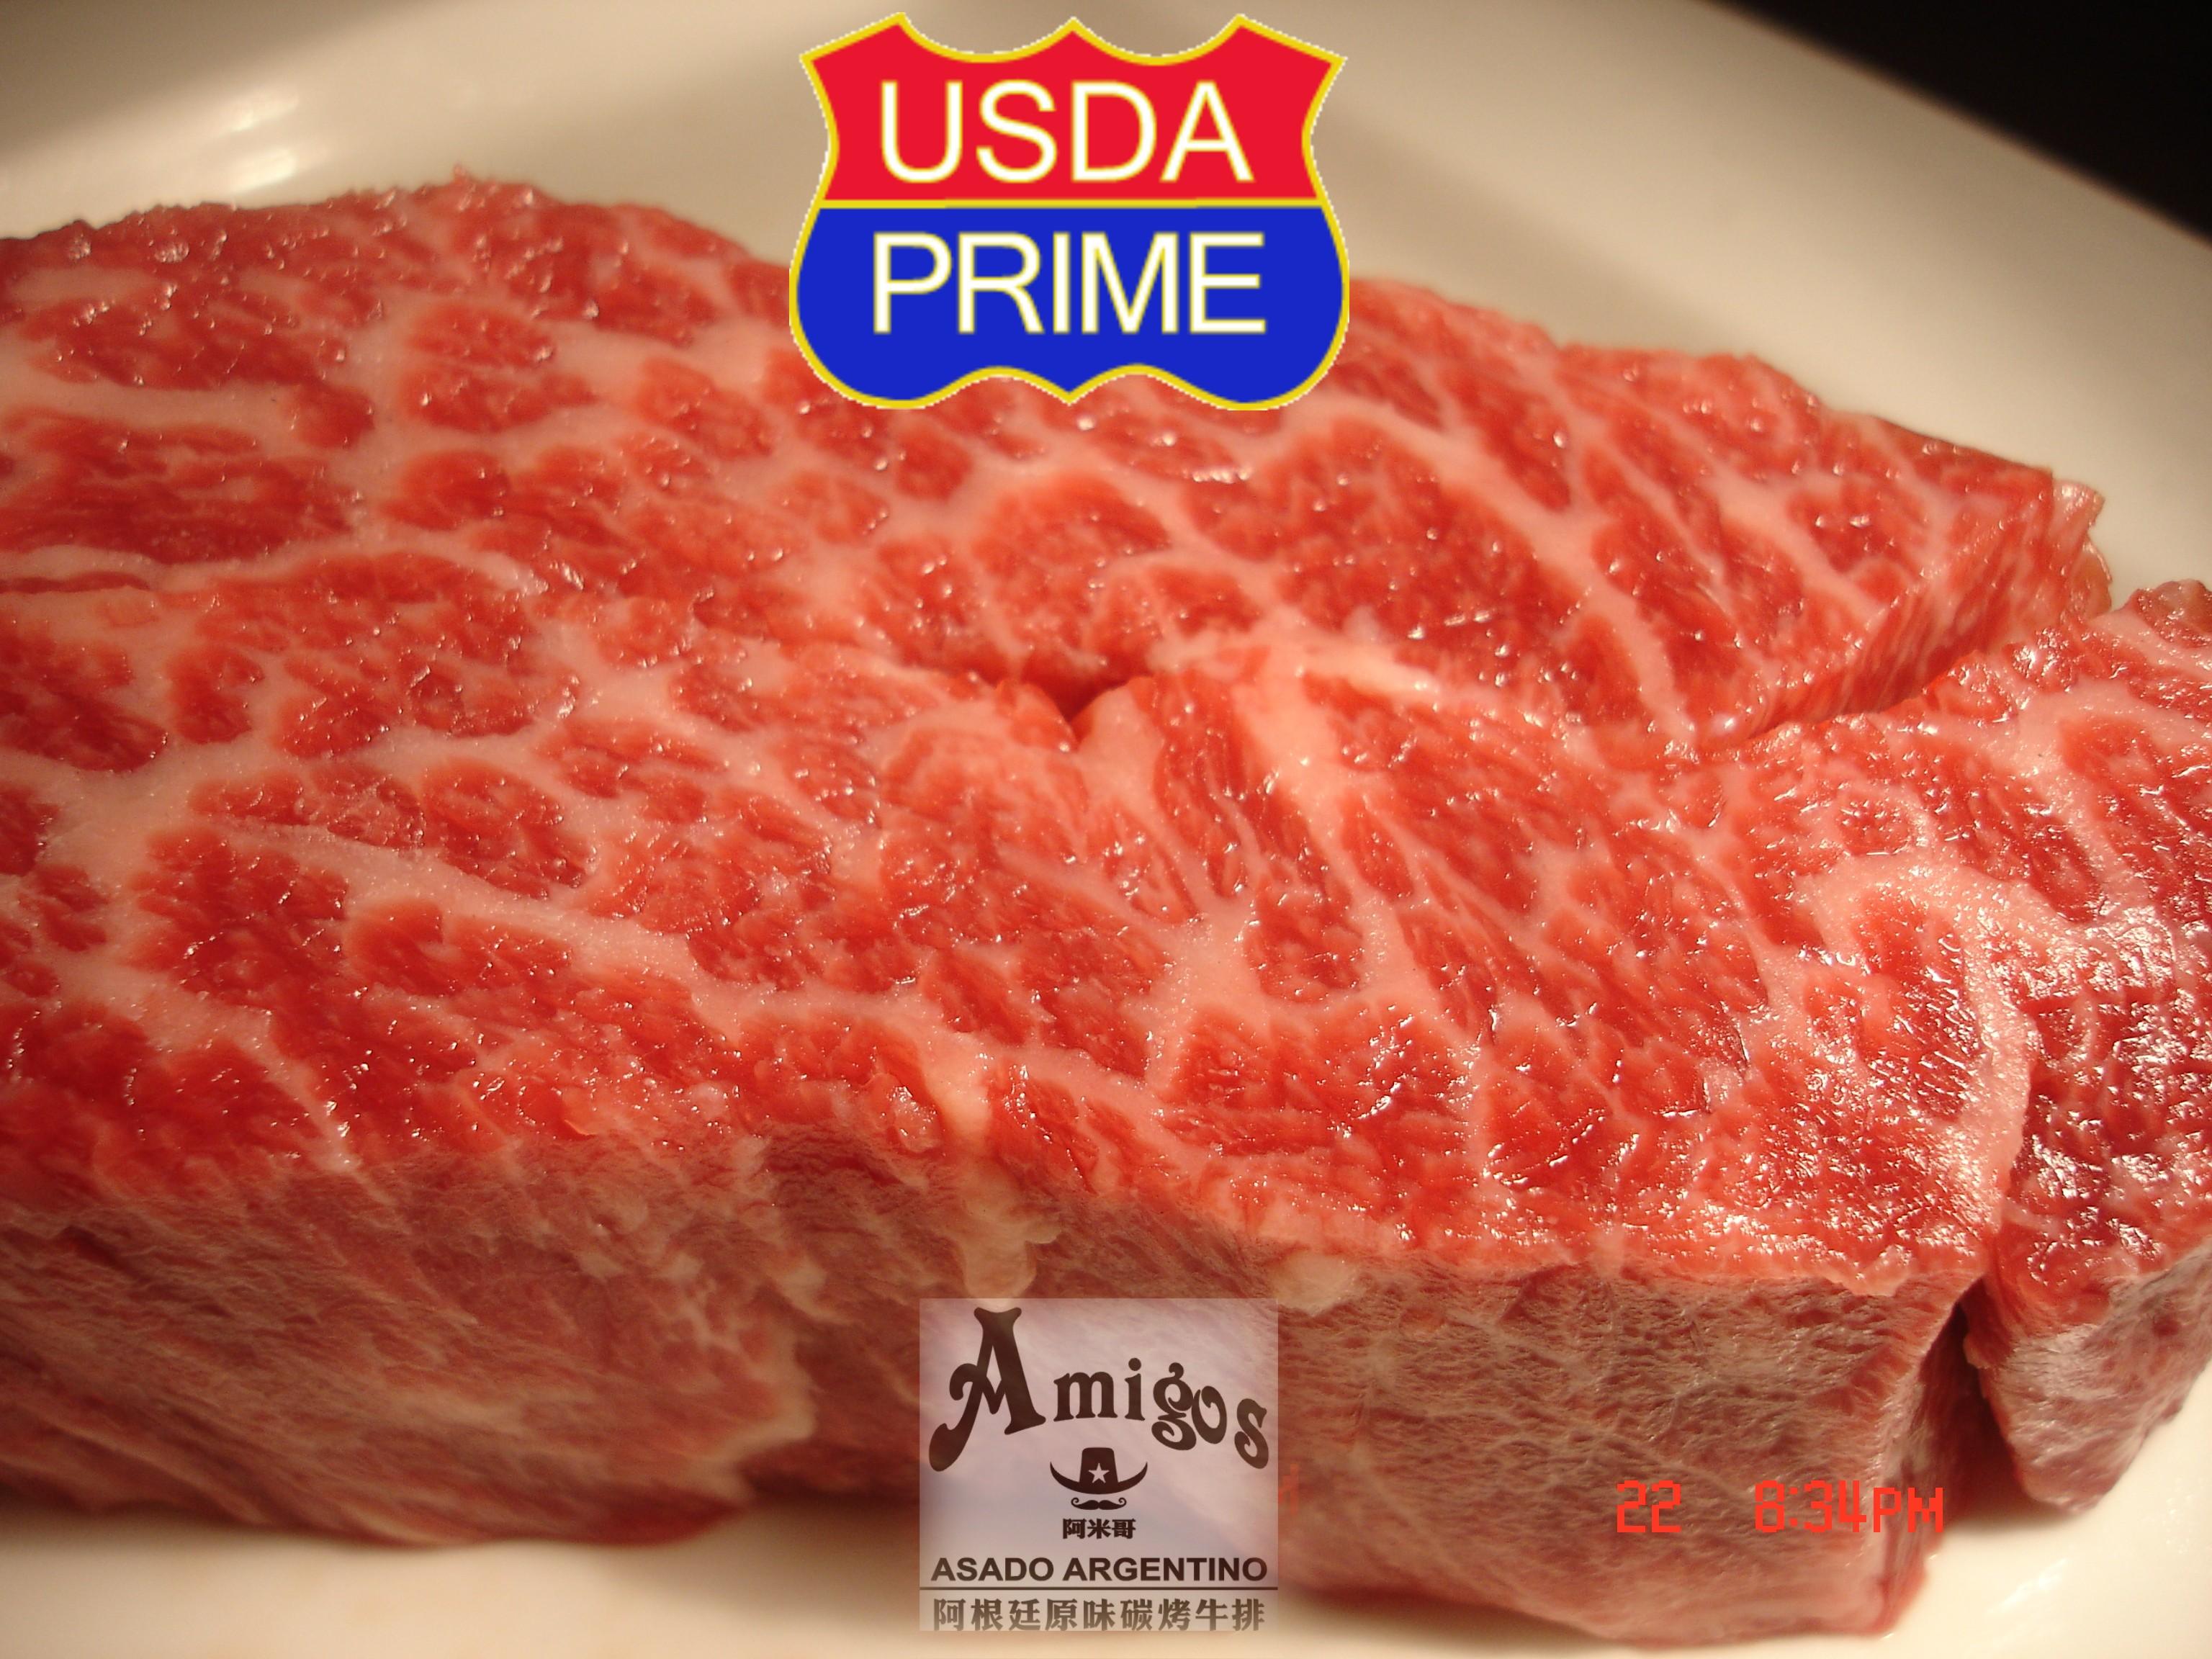 高雄牛排 阿米哥阿根廷烤肉 Prime牛小排